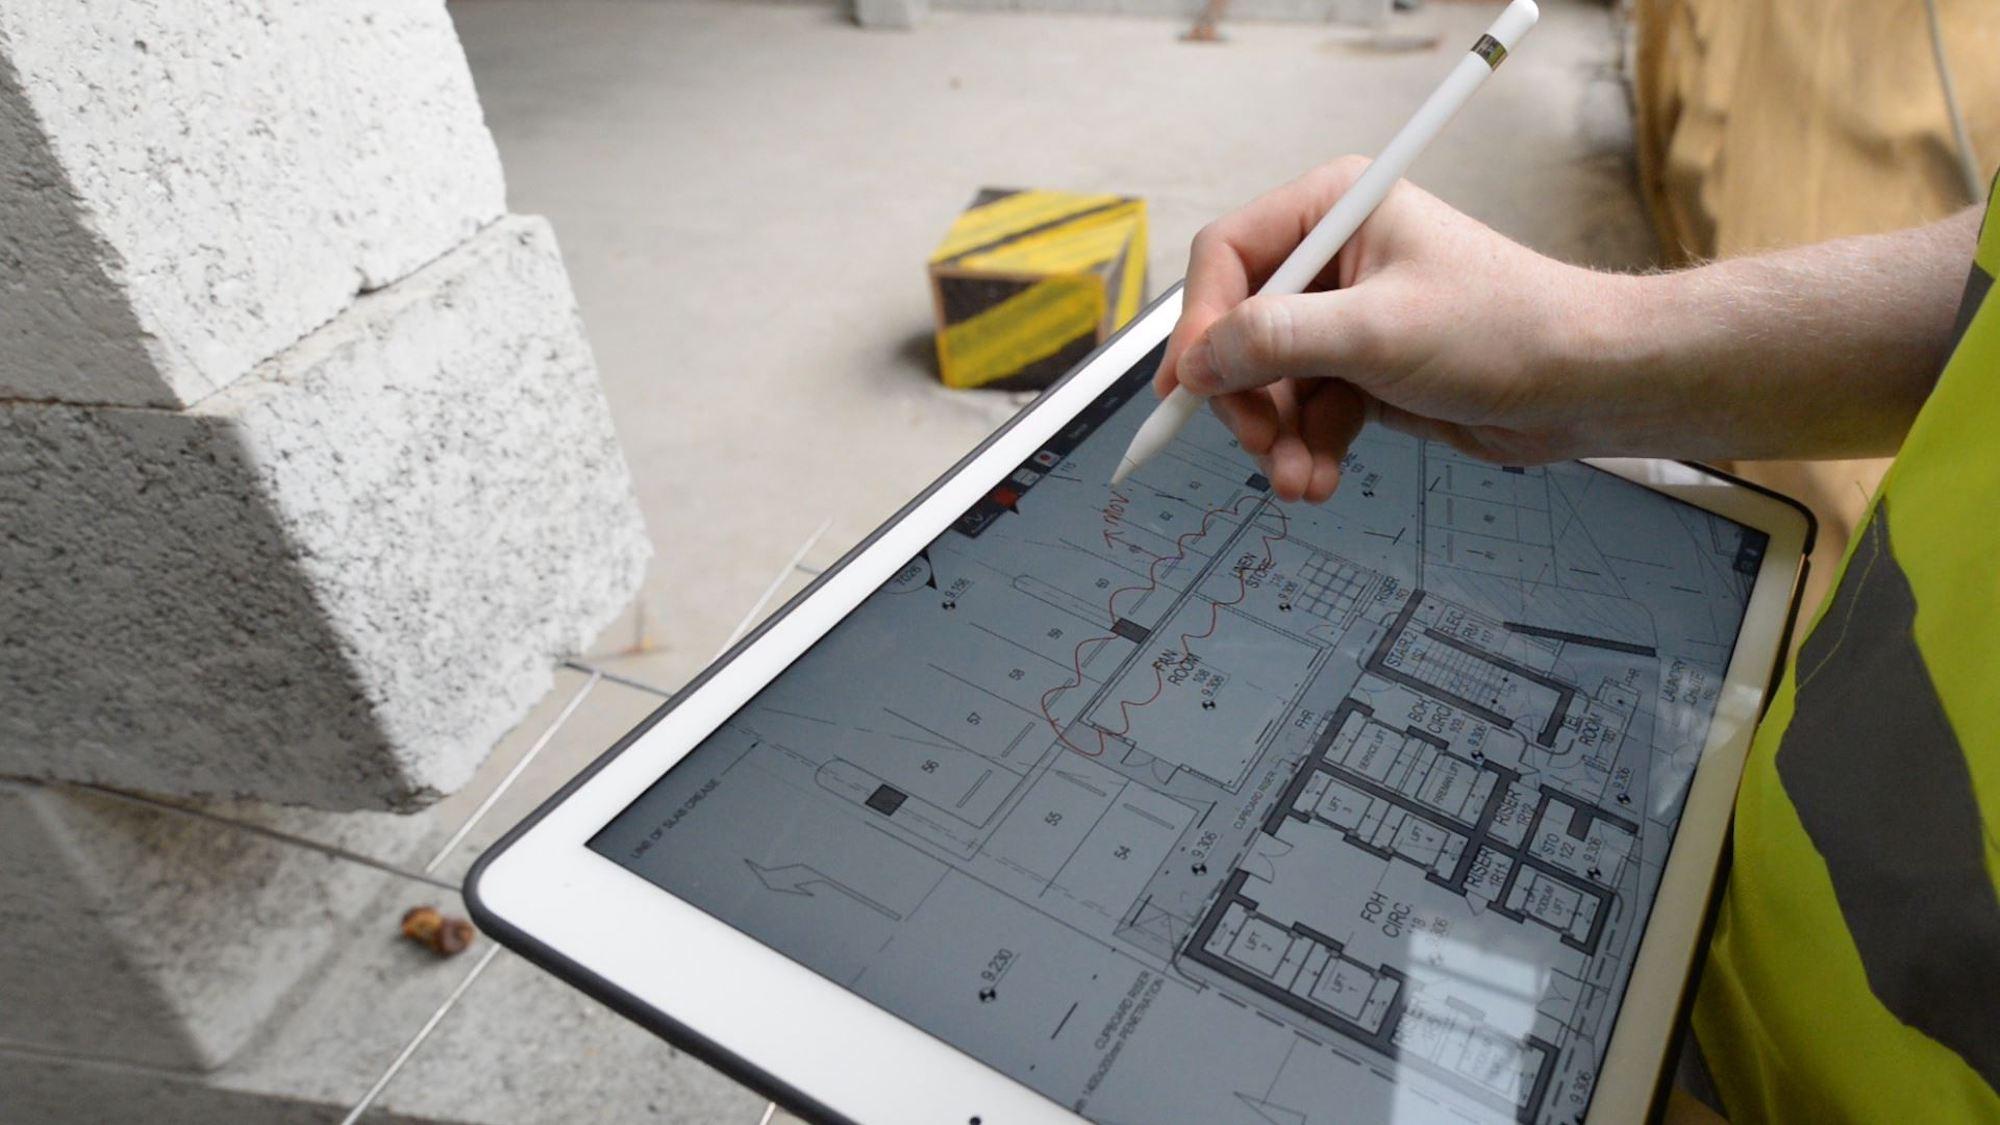 BIM for Contractors iPad markups